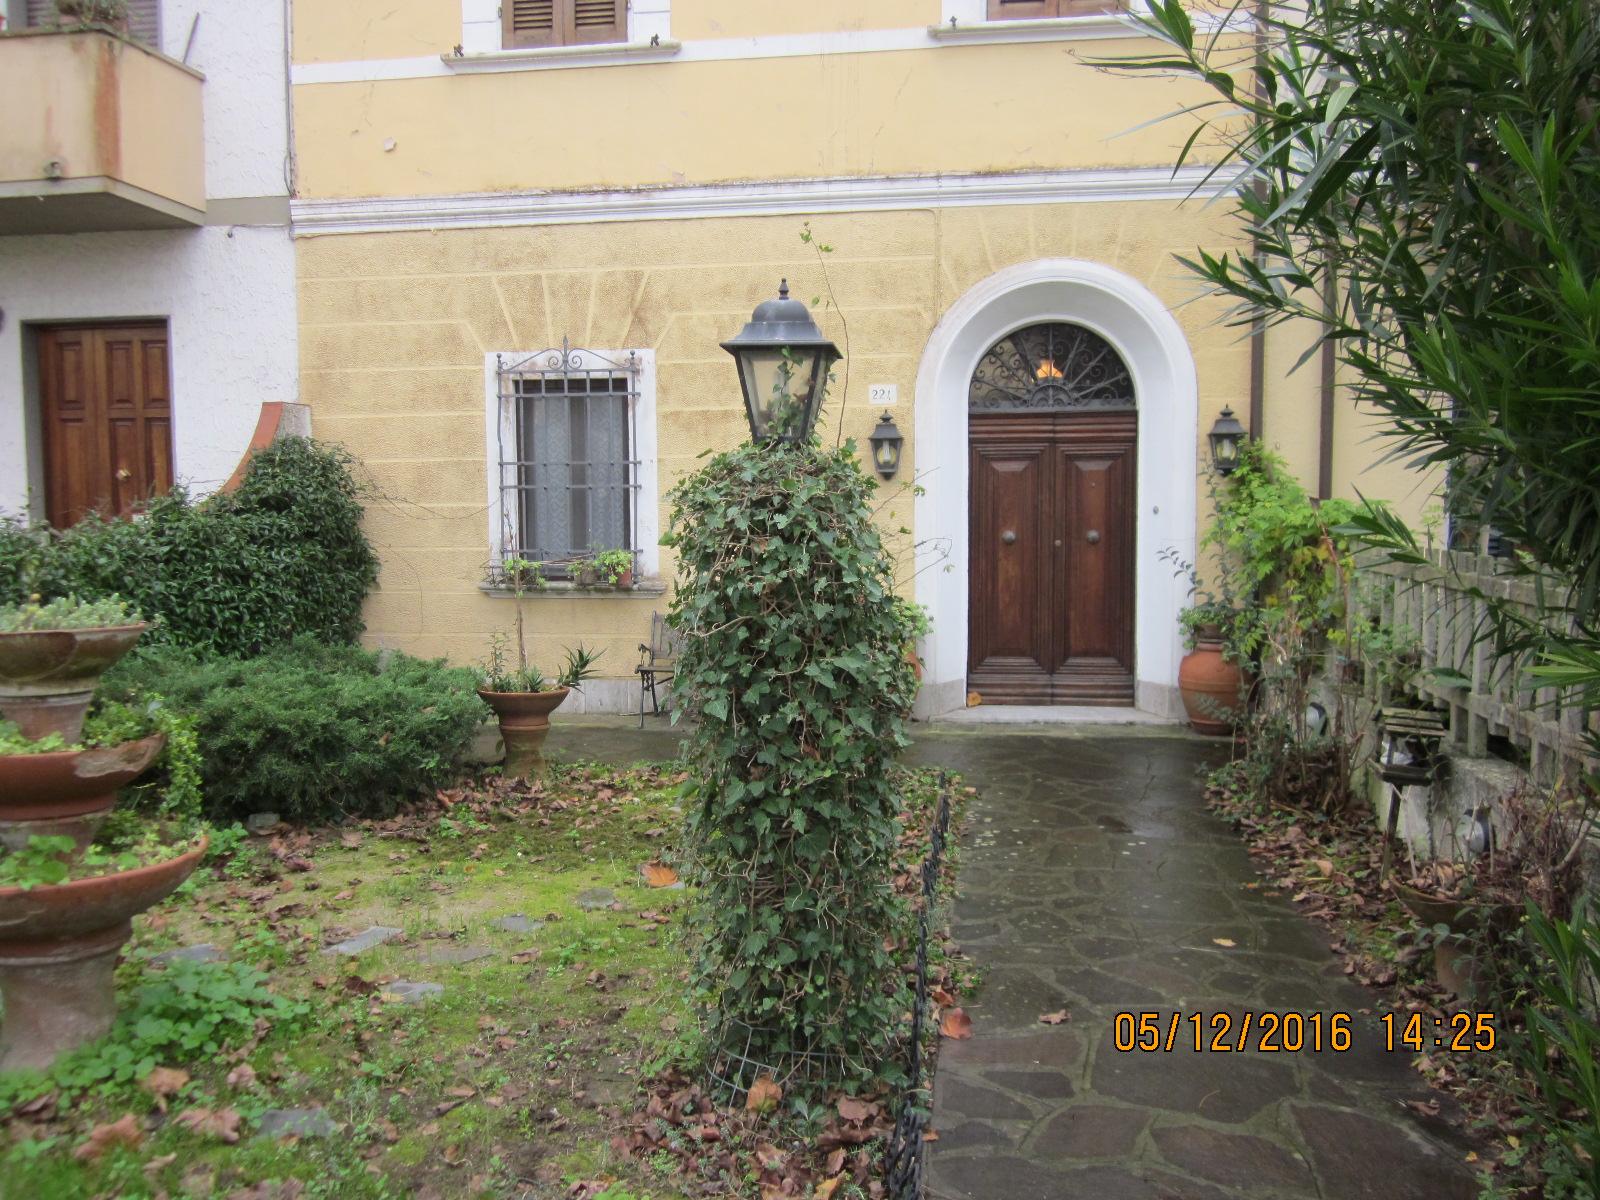 Soluzione Indipendente in vendita a Viareggio, 7 locali, prezzo € 290.000 | Cambio Casa.it